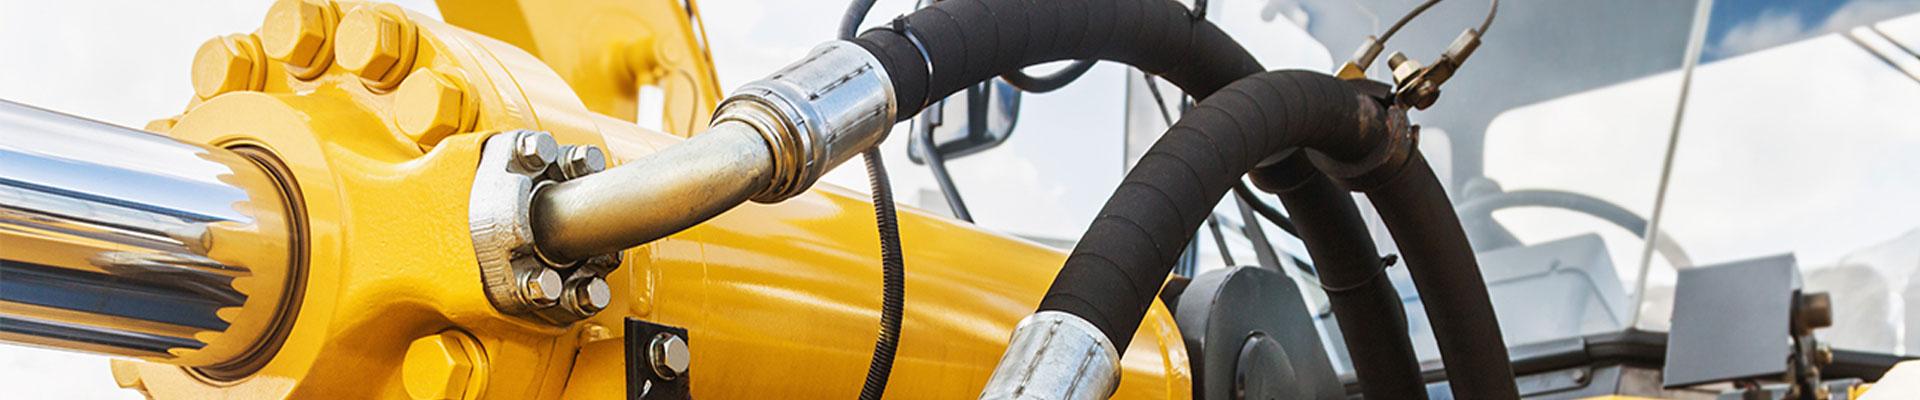 Contacter FCI Formation Hydraulique – Prestation hydraulique